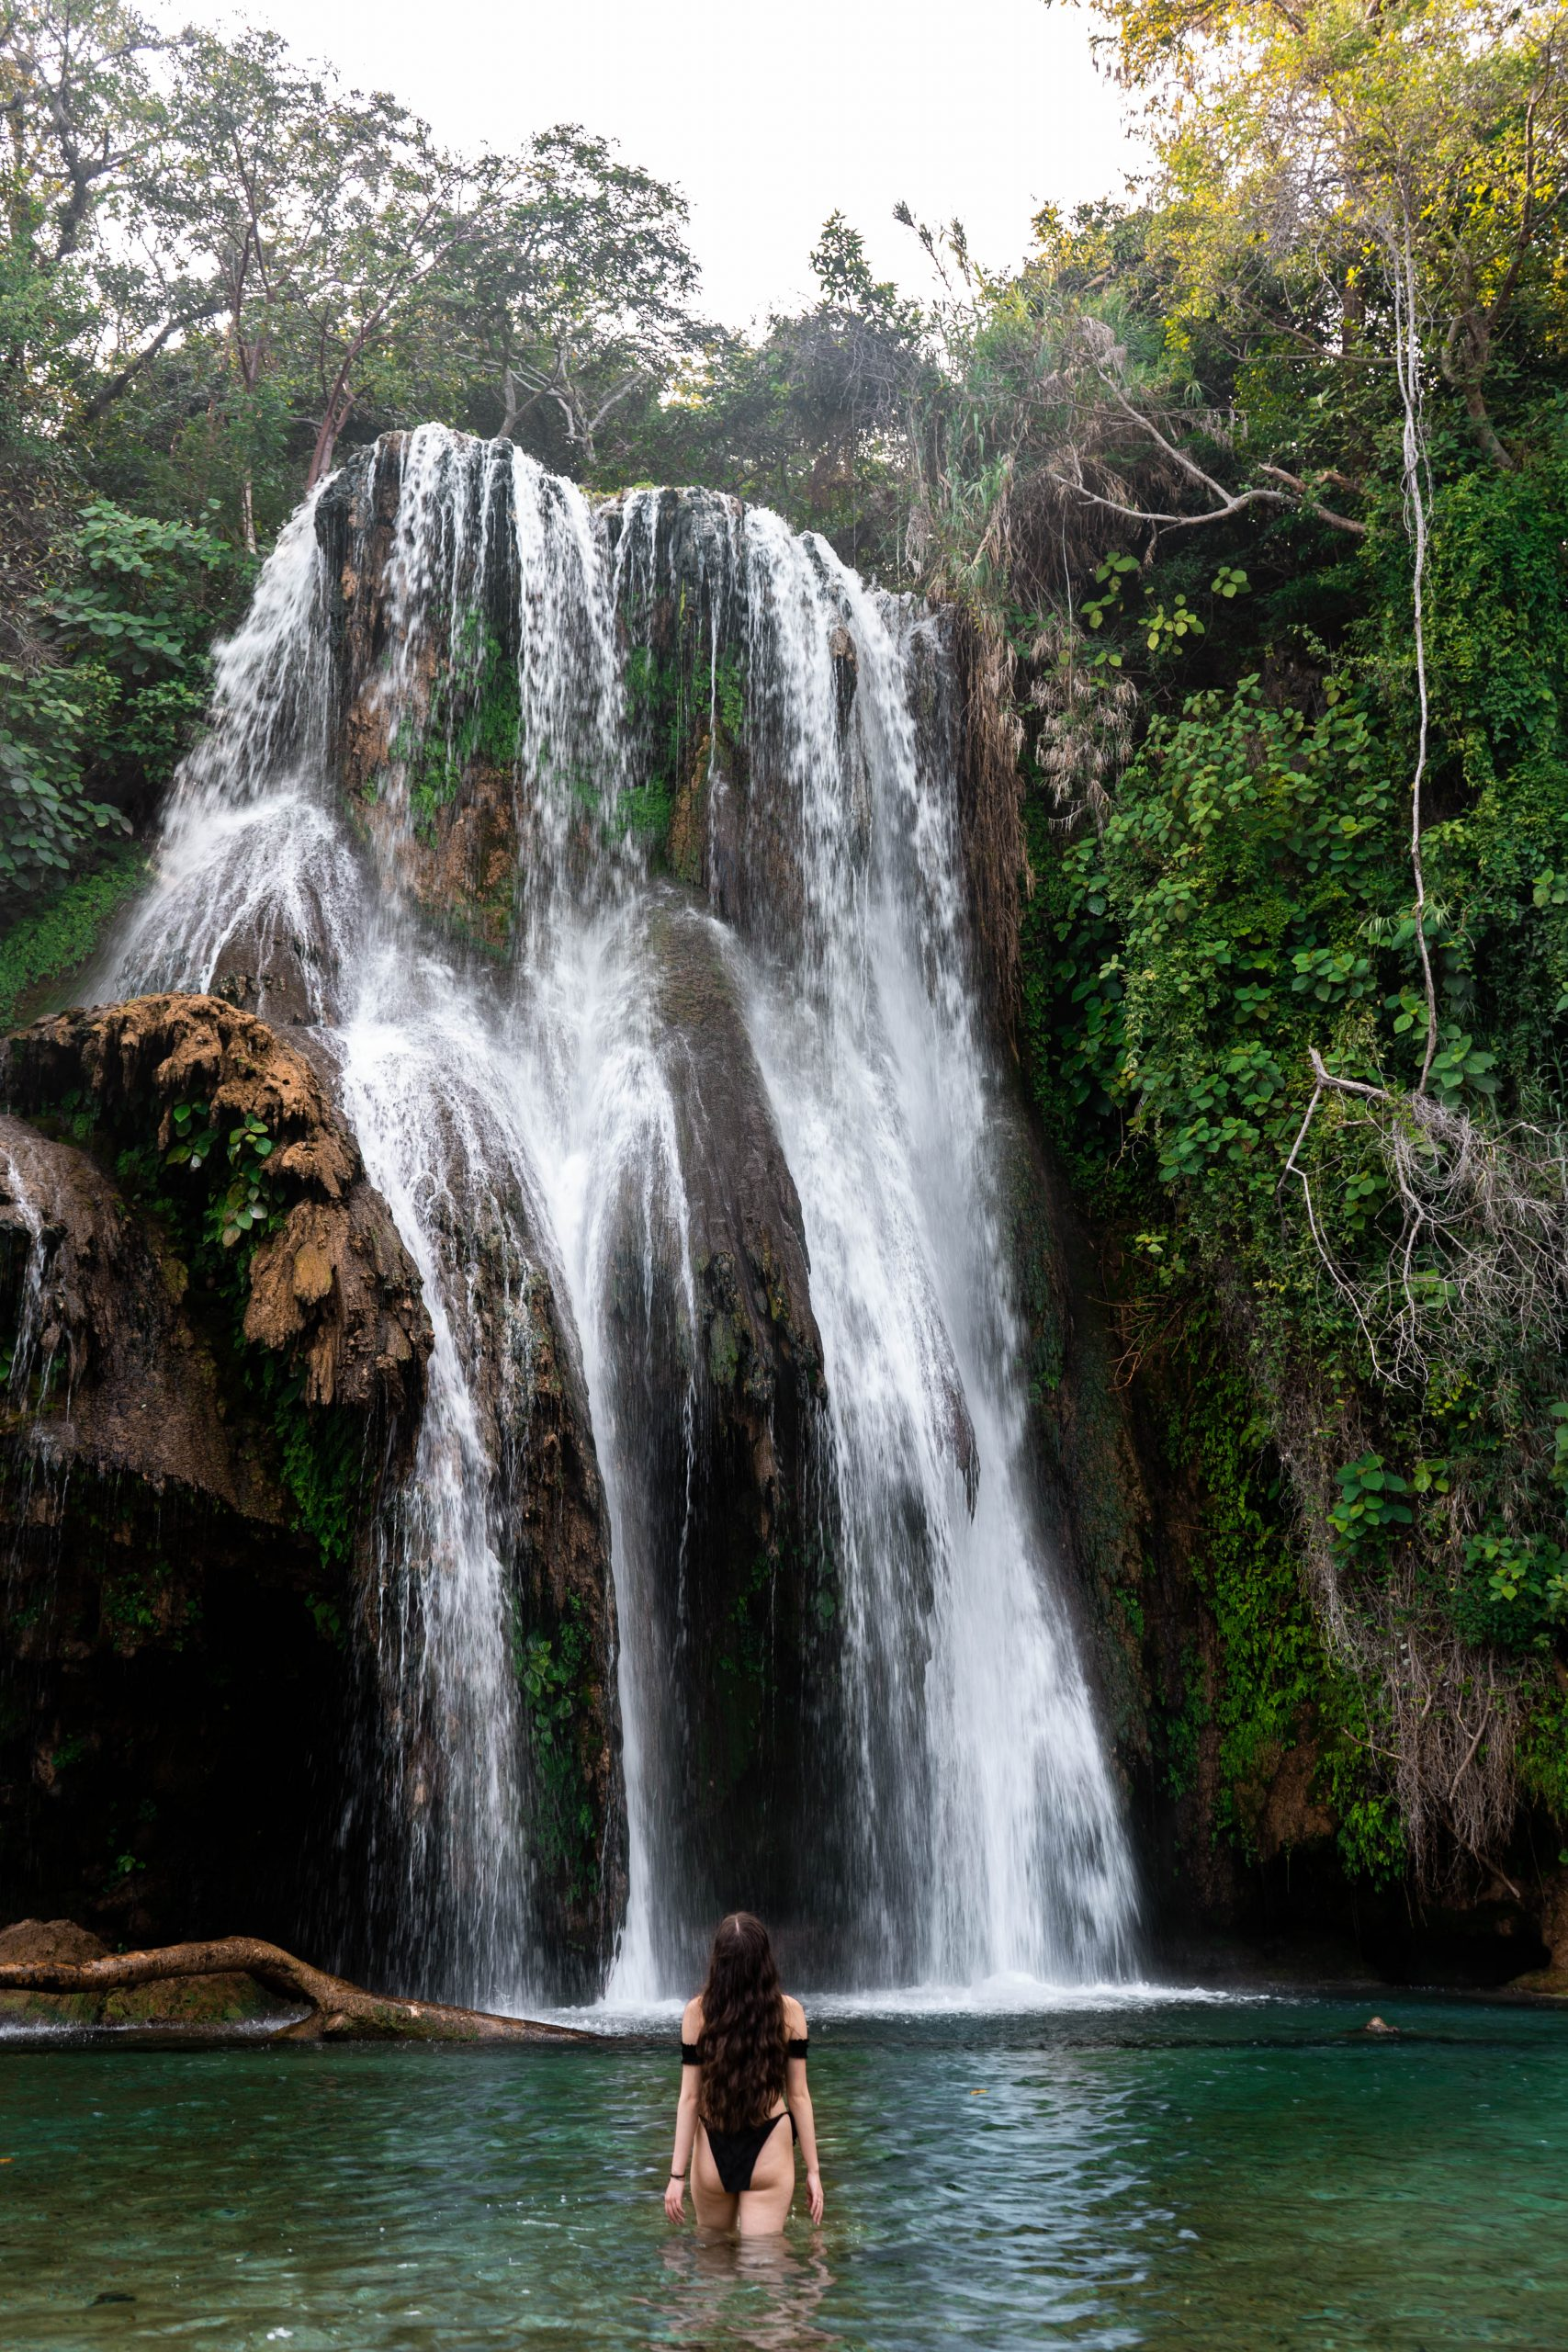 Visiting Cascadas de Tamasopo in San Luis Potosi, Mexico - What You Need to Know